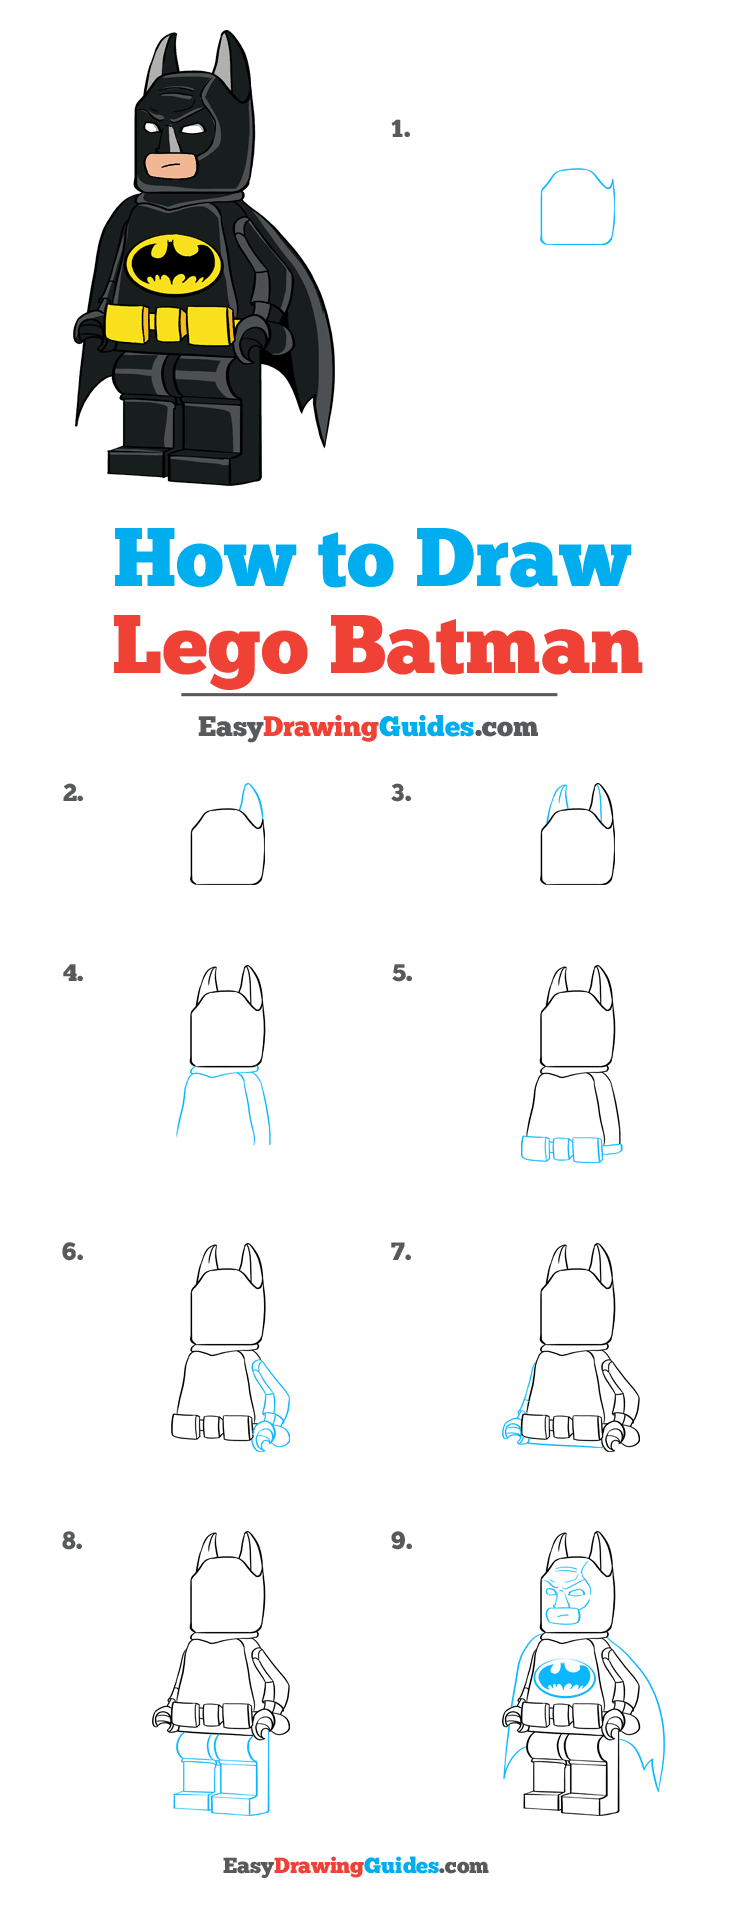 How to Draw Lego Batman